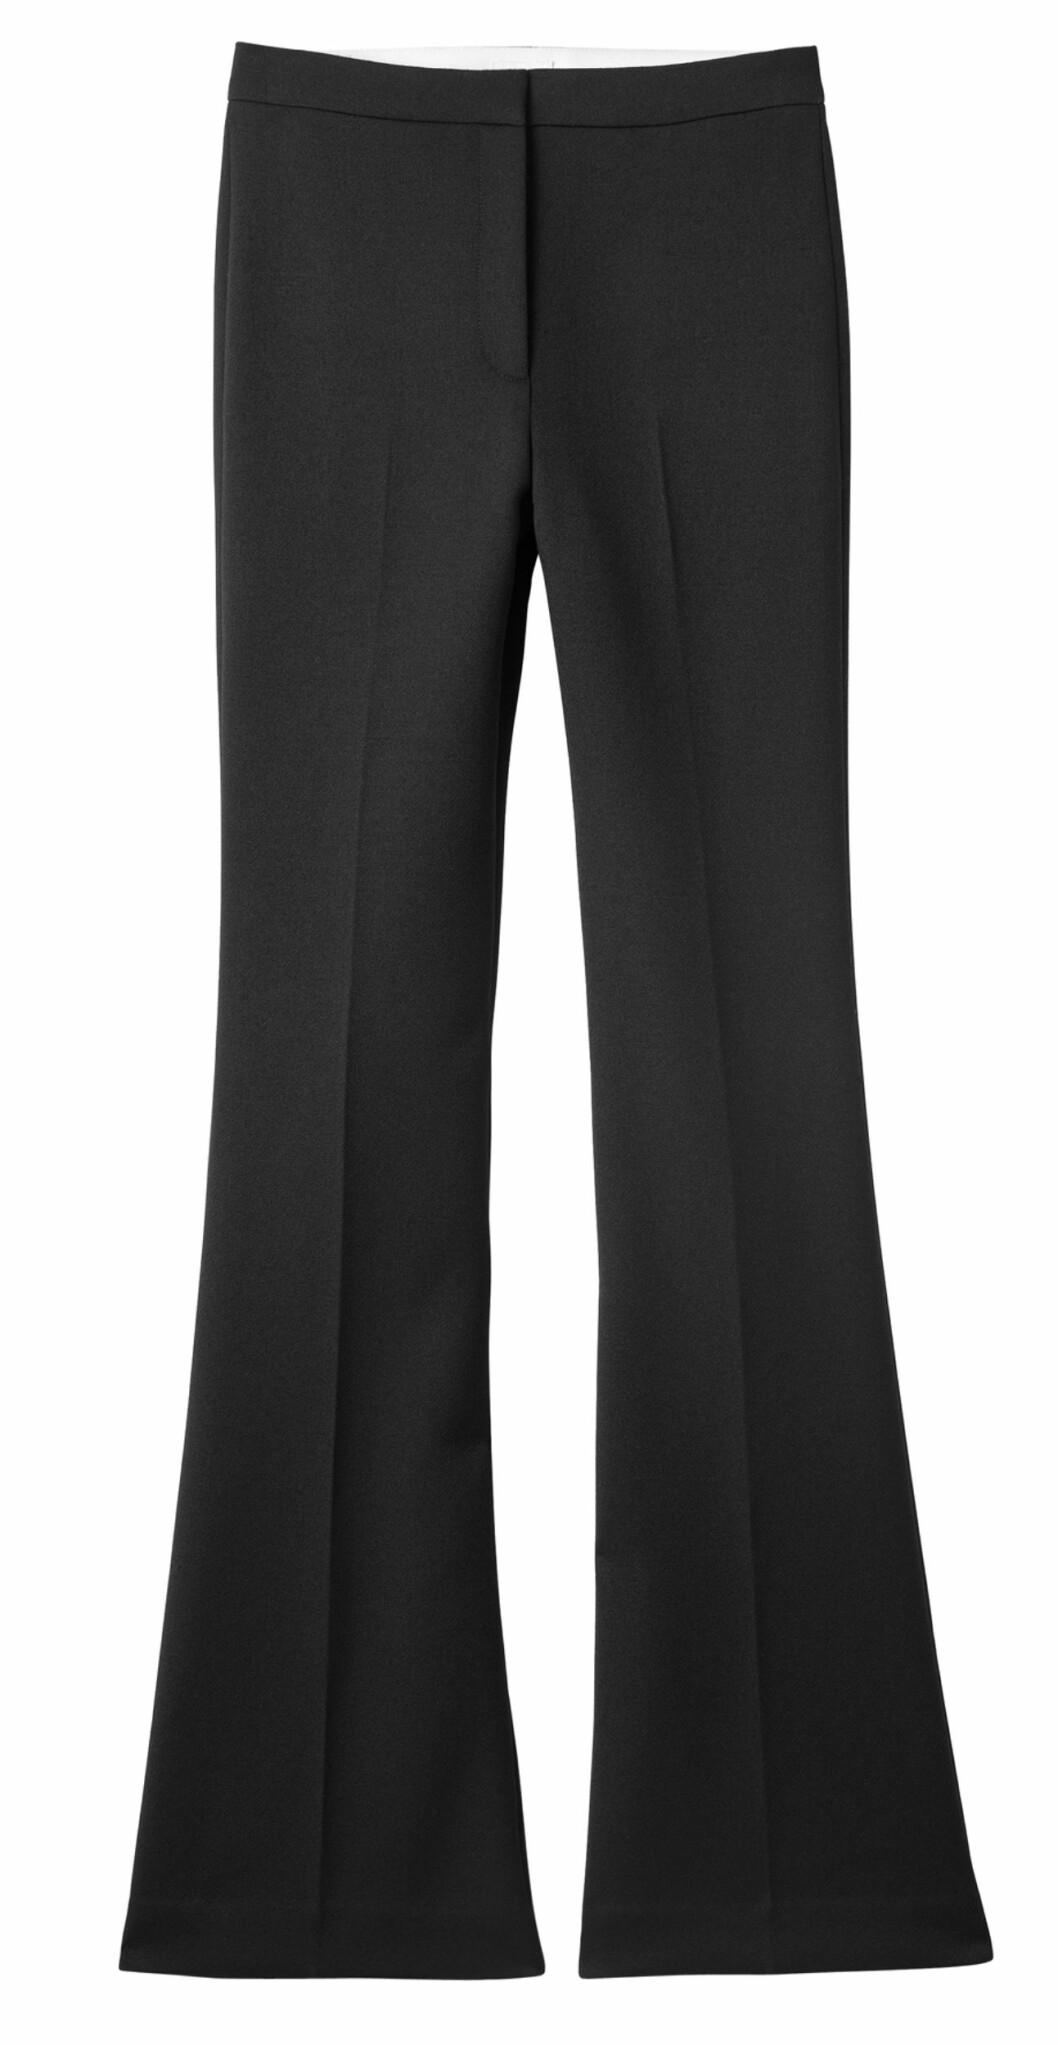 Bukse, kr 599. Foto: Produsenten